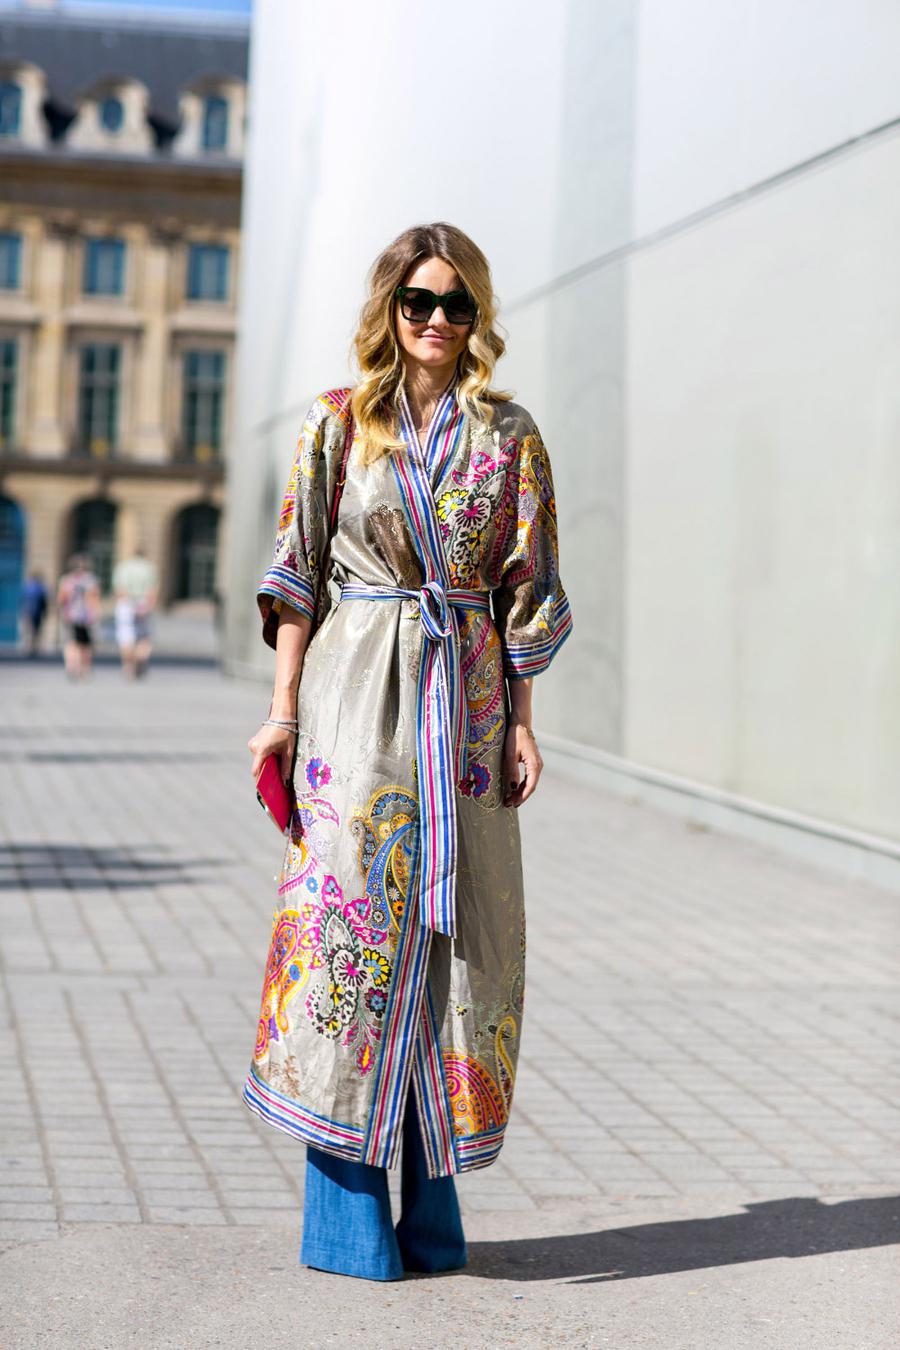 Фасон платья кимоно, красивые модели платьев в 2020 году